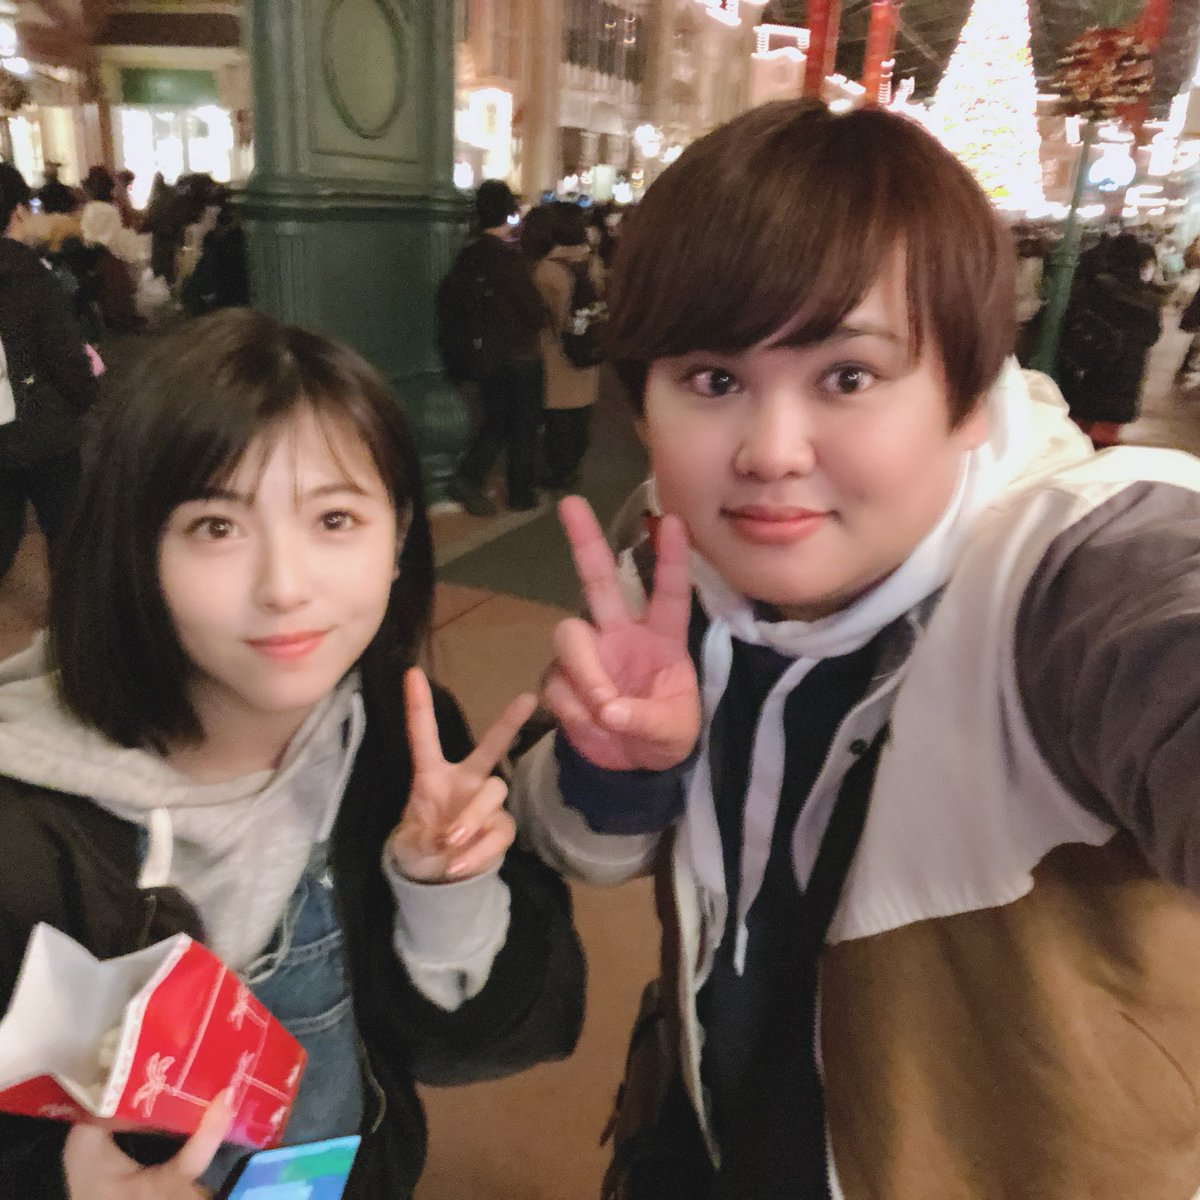 週刊文春】女優・浜辺美波(20)、体重150kgユーチューバーと熱愛 ...